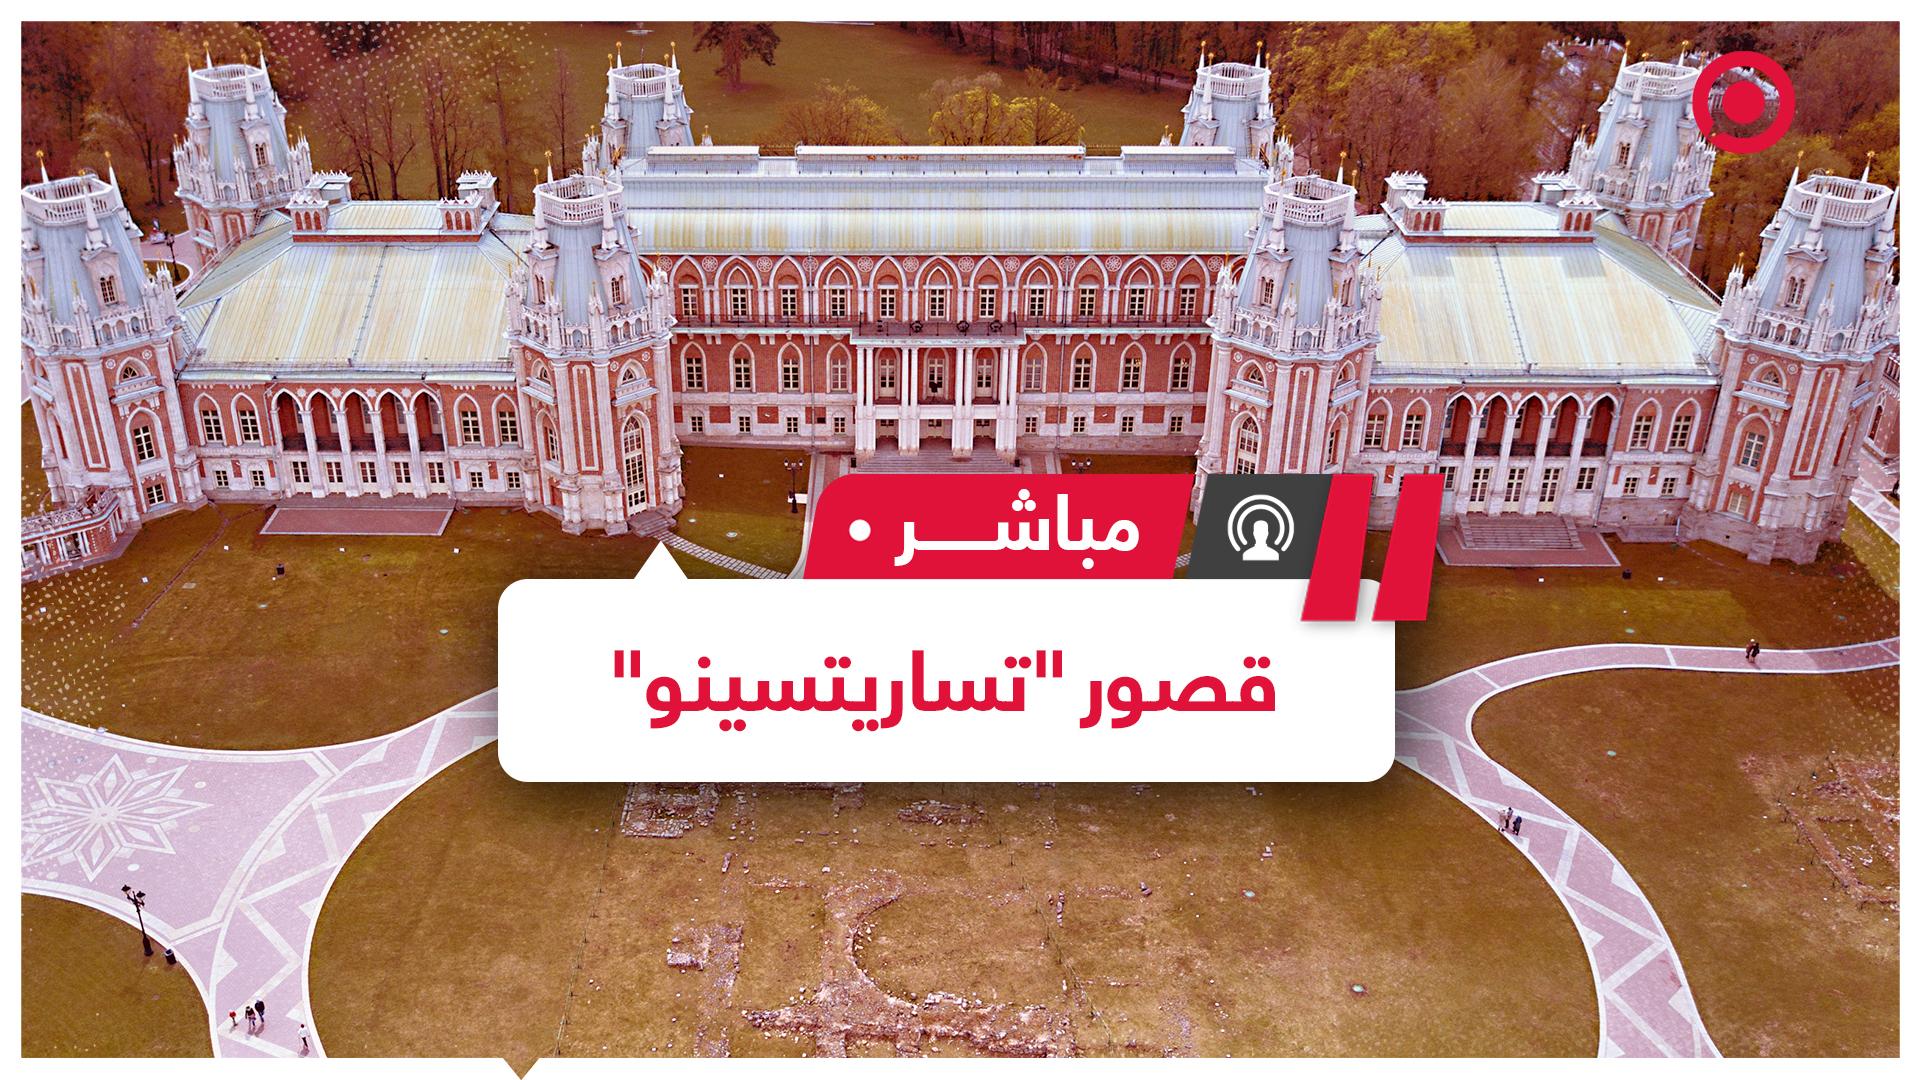 """تعرف على  أسرار متحف """"الملكة"""" ومتنزه """"تساريتسينو"""" في موسكو"""